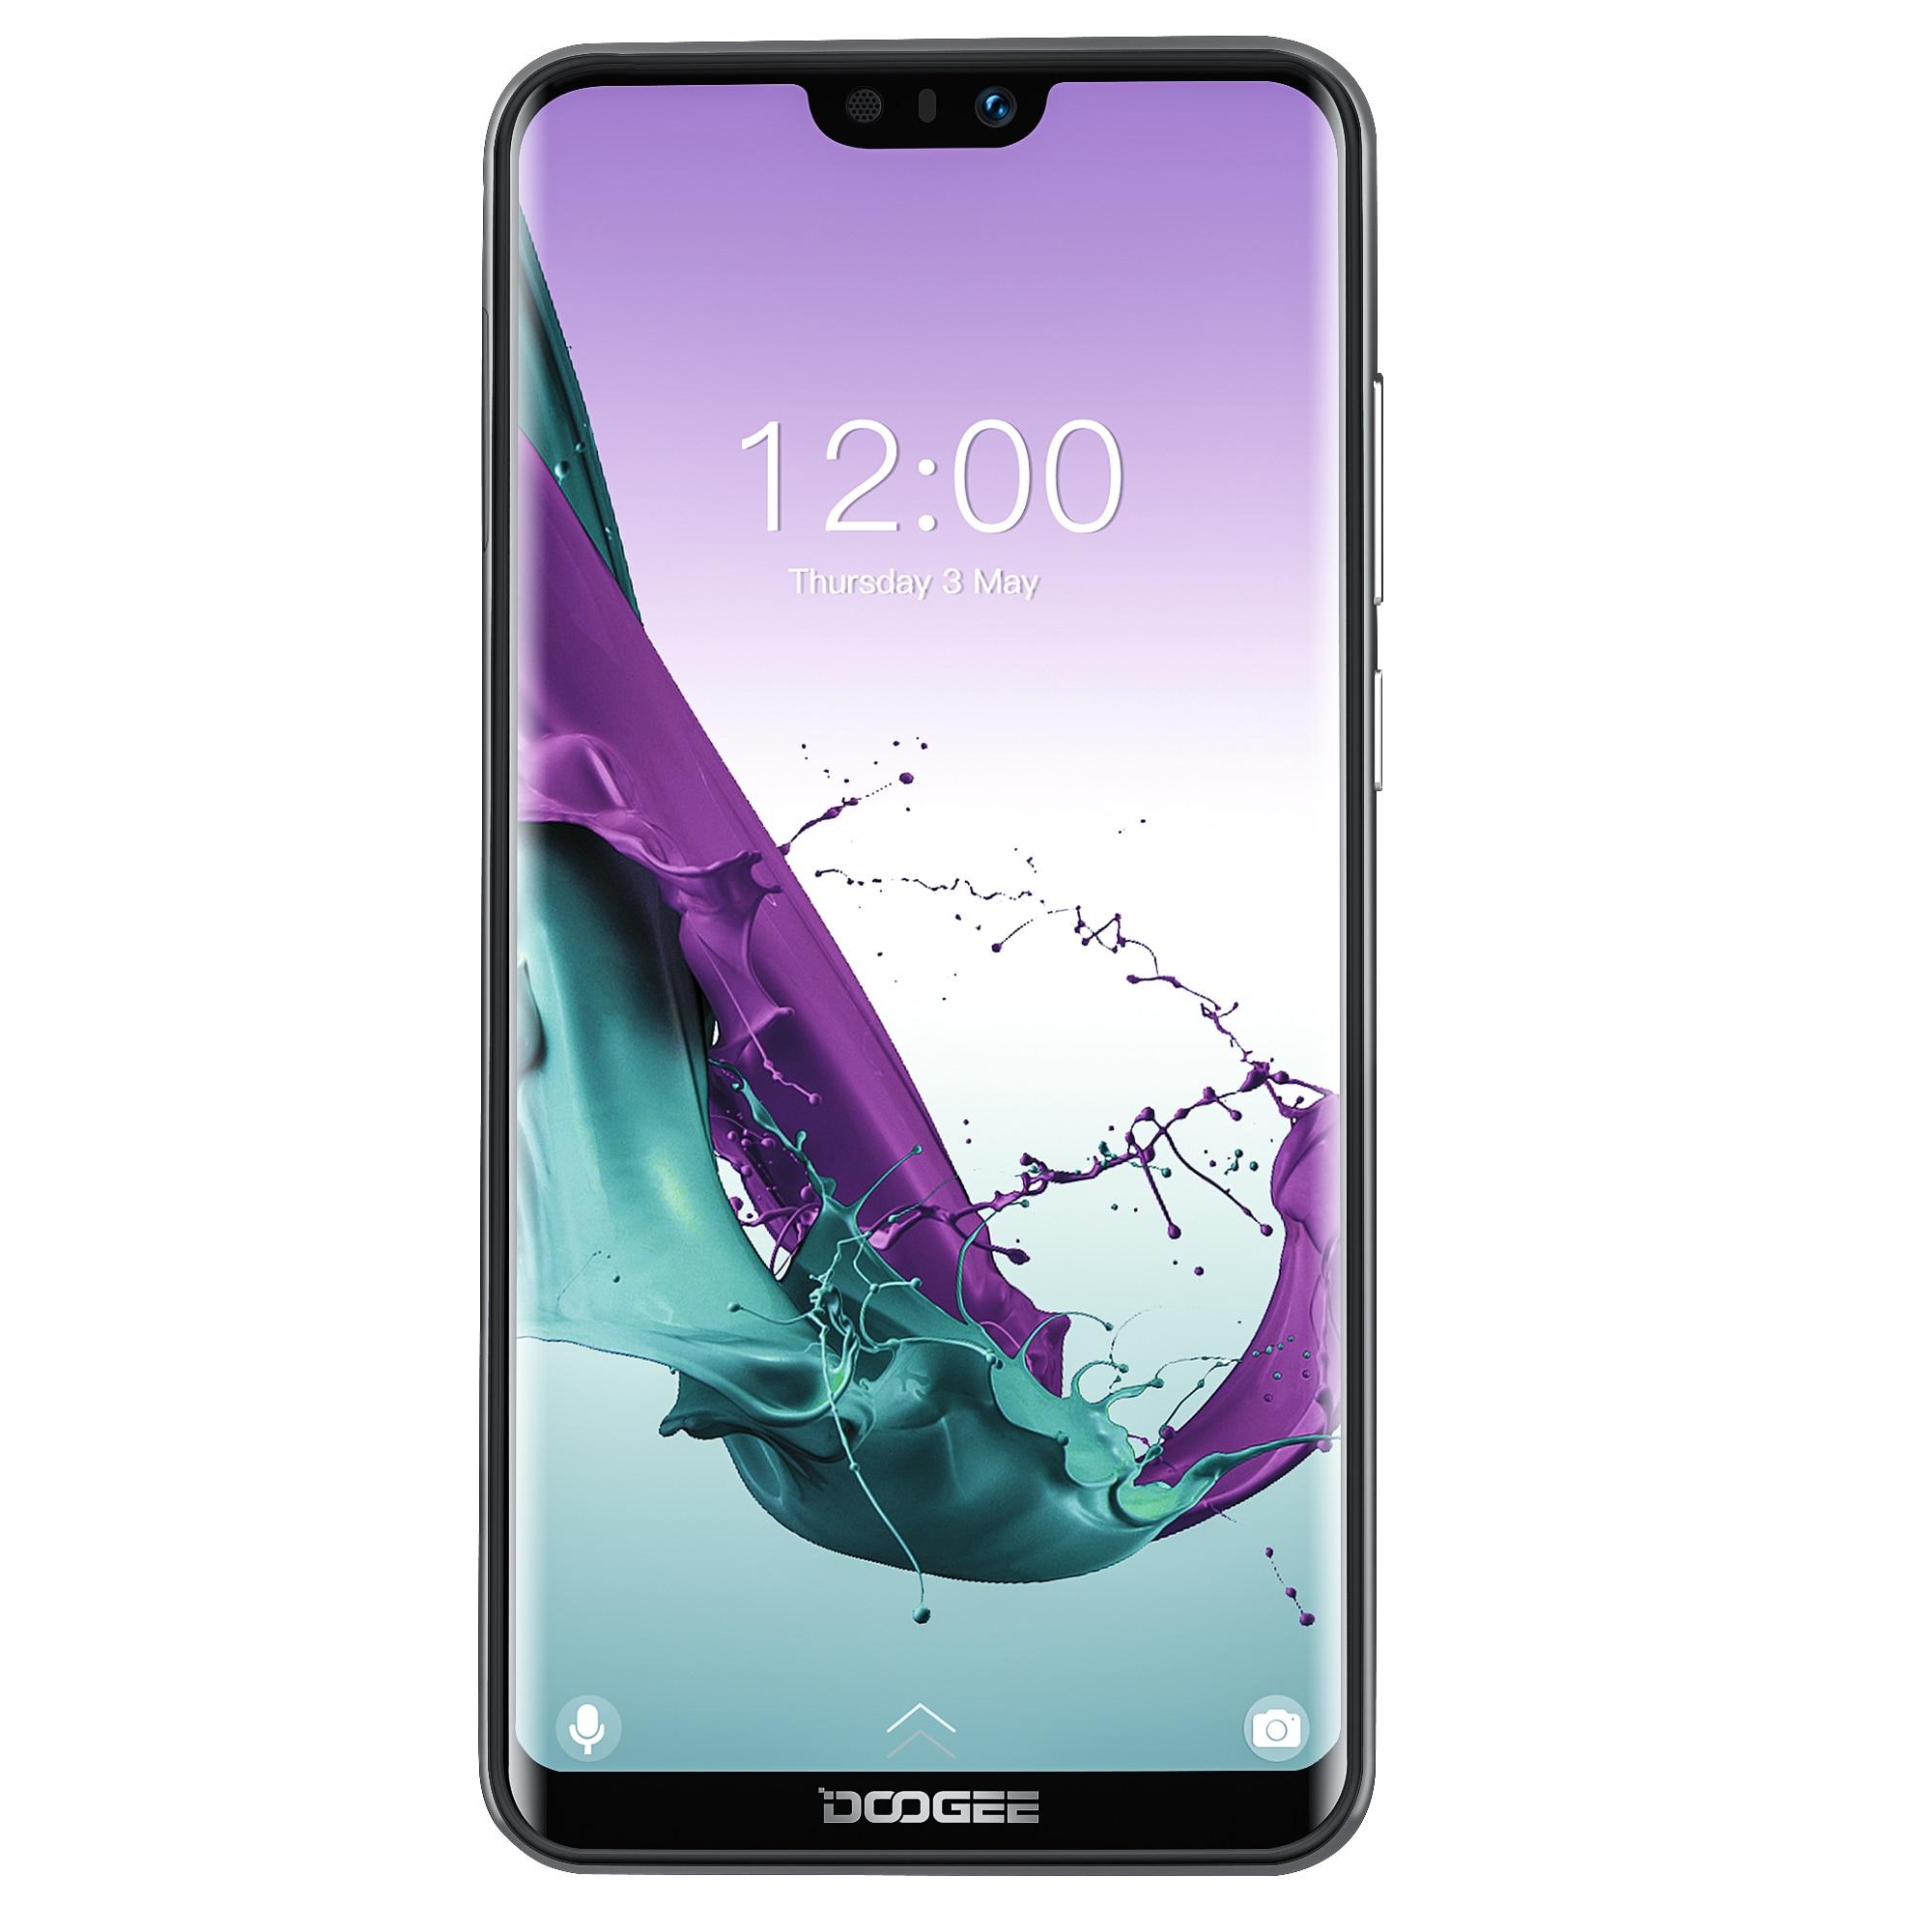 DOOGEE N10 2019 アンドロイド 8.14 4G LTE 携帯電話 5.84 インチオクタコア 3 ギガバイトの RAM 32 ギガバイト ROM FHD 19:9 ディスプレイ 16.0MP フロントカメラ 3360mAh